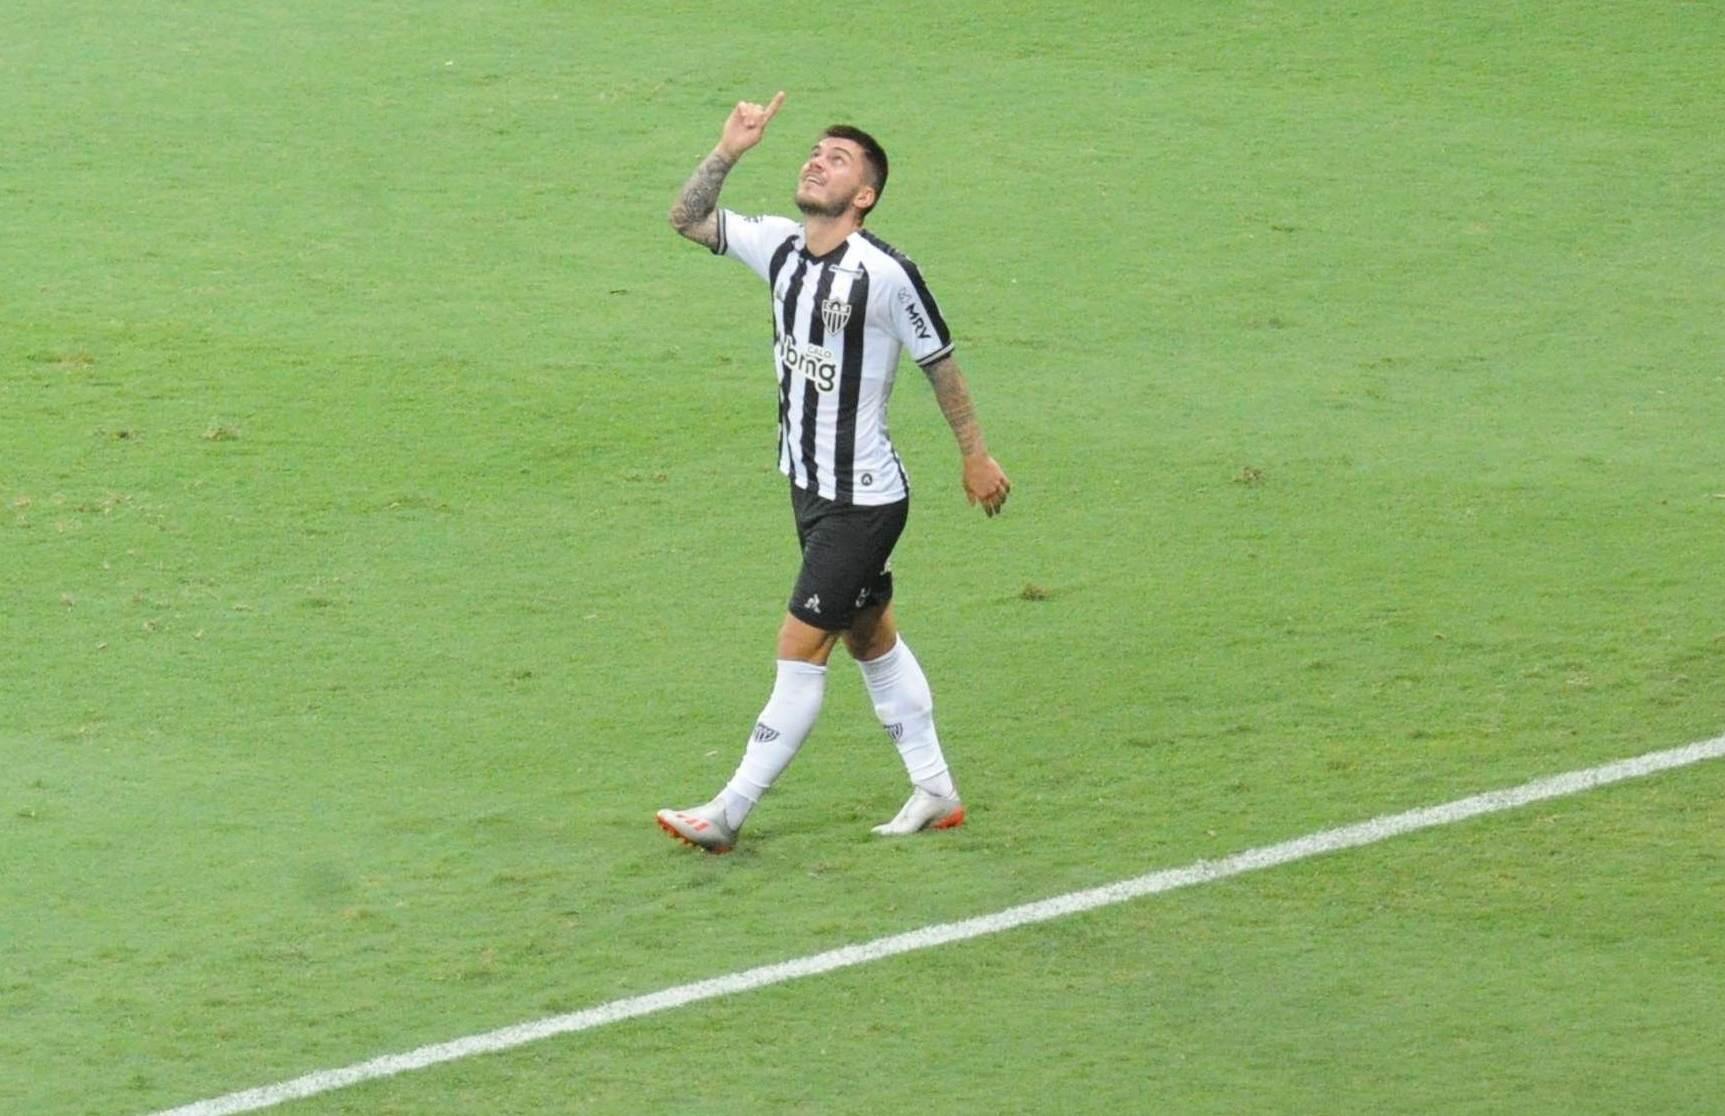 فاز أتلتيكو مينيرو على غوياس 3-0